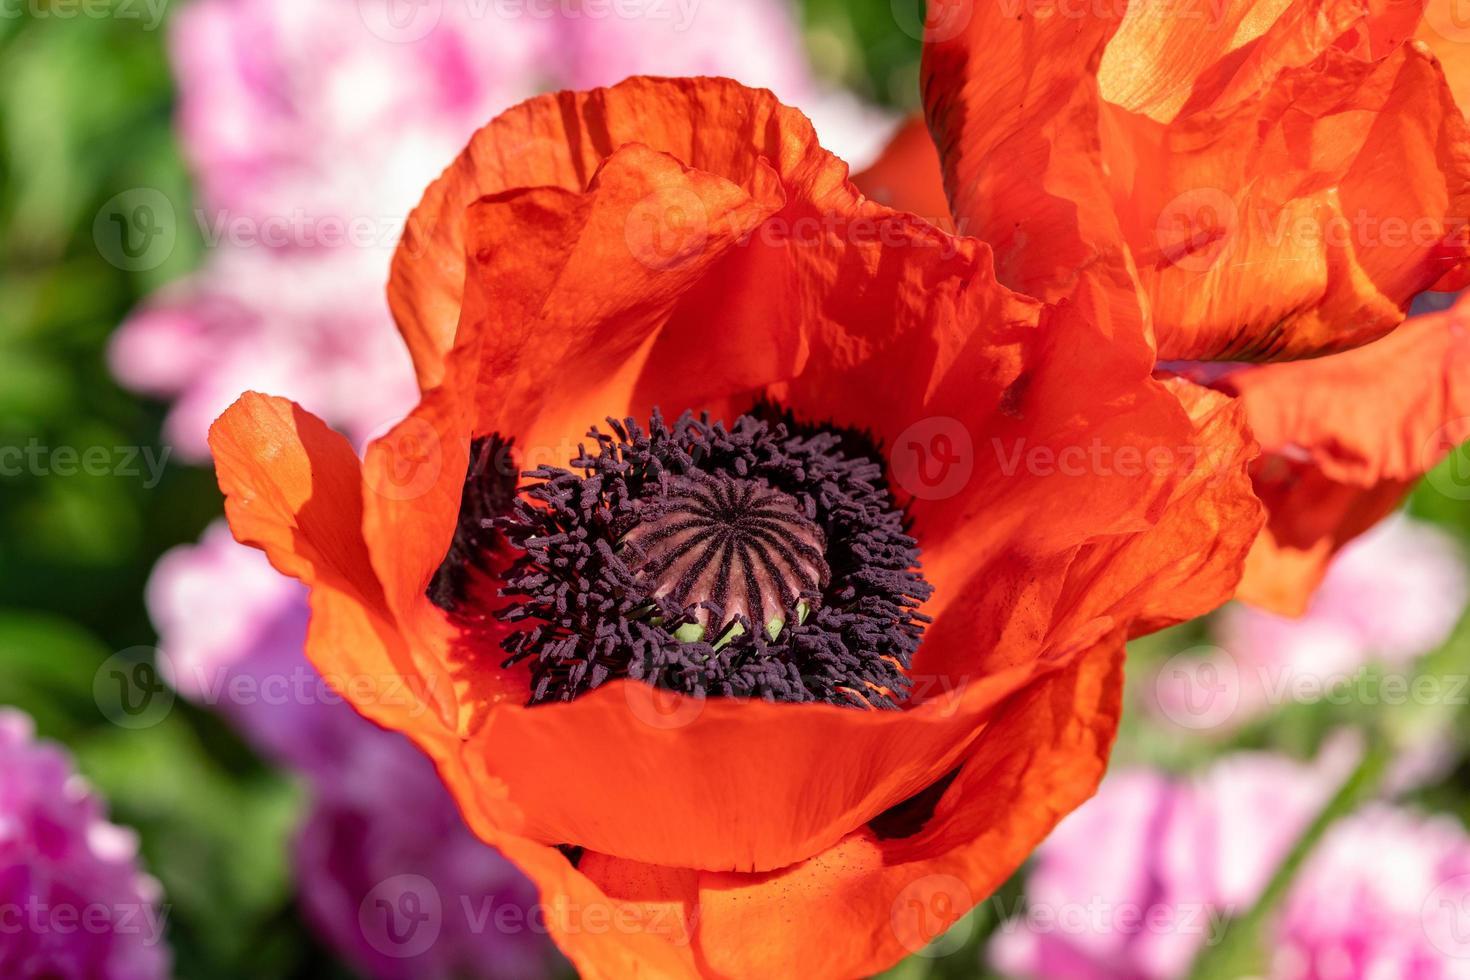 närbild av en levande orange vallmoblomma foto